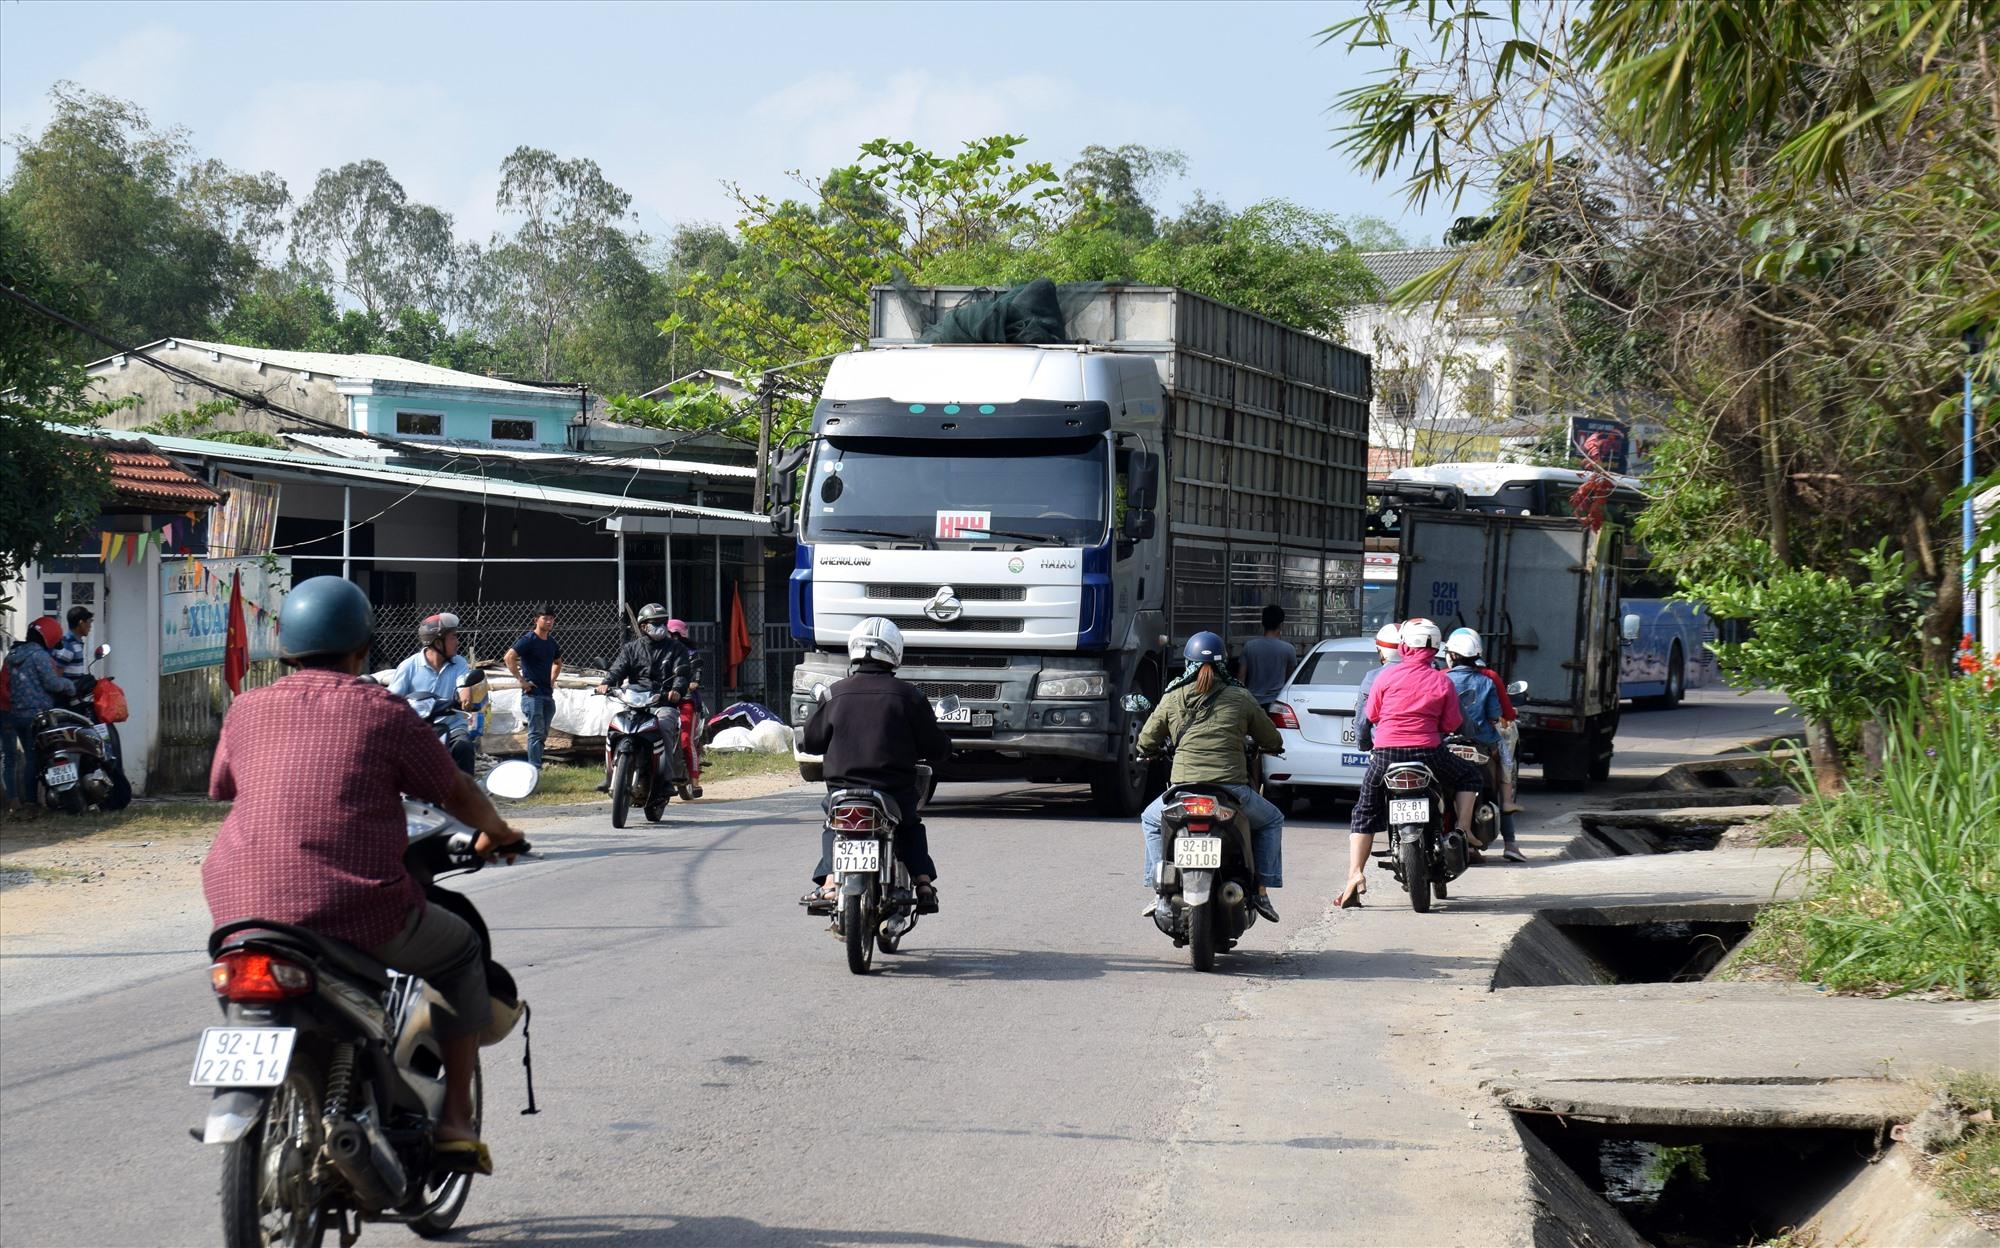 Quốc lộ 40B qua địa bàn Phú Ninh thường xuyên ùn tắc vào giờ cao điểm. Ảnh: HOÀI AN